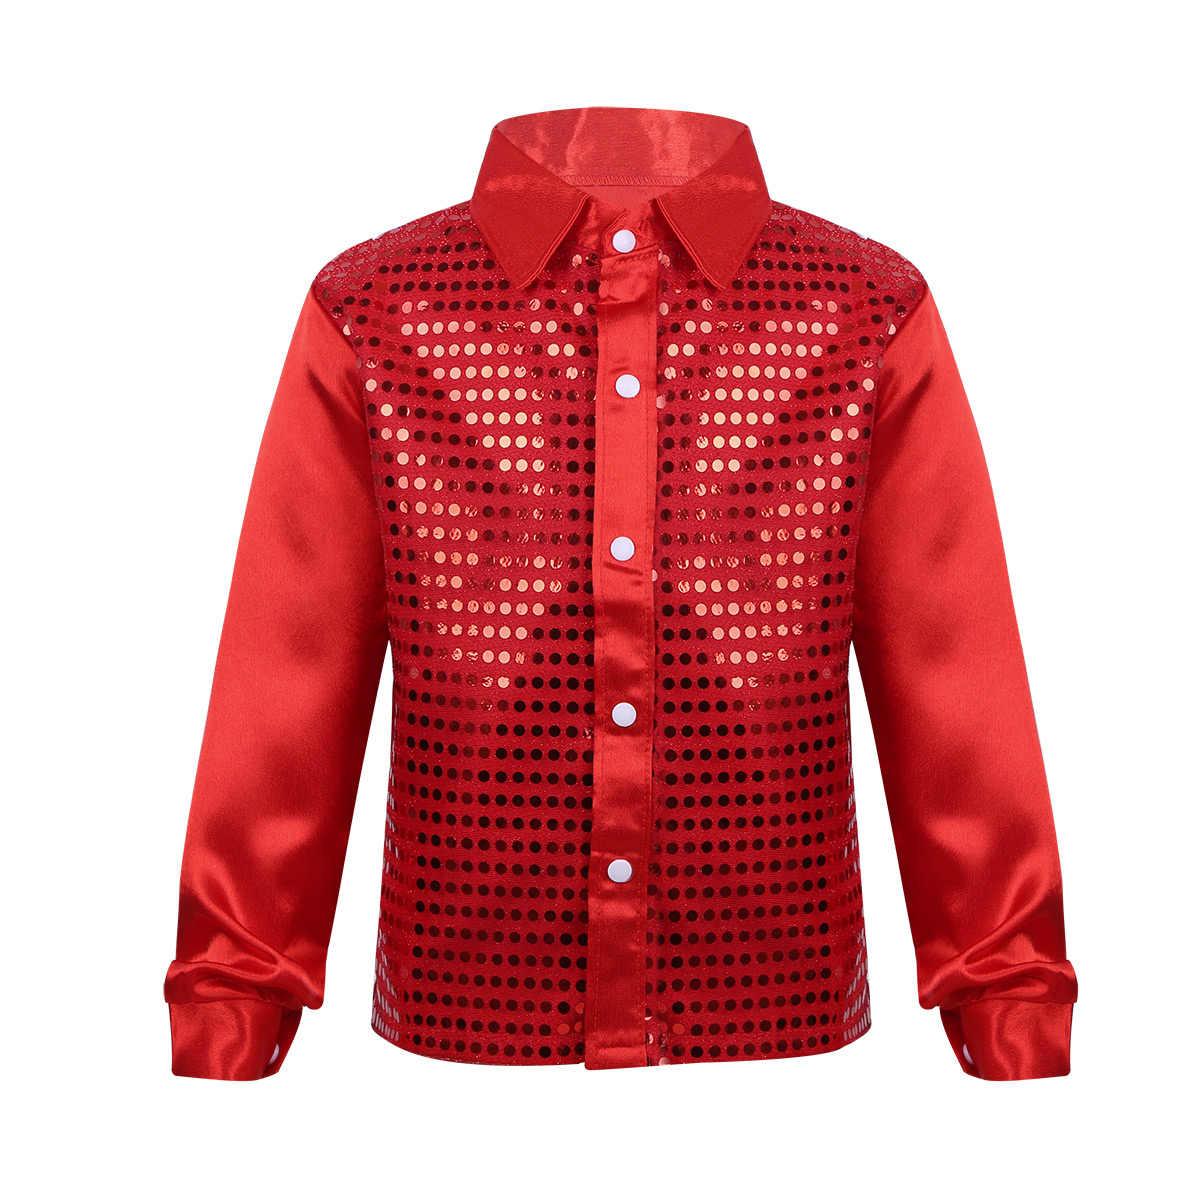 ... Boy Shirts for Children Boys Glittery Long Sleeve Shirt Kids Big Choir  Jazz Hip Hop Dance ... 6d5d359288b2